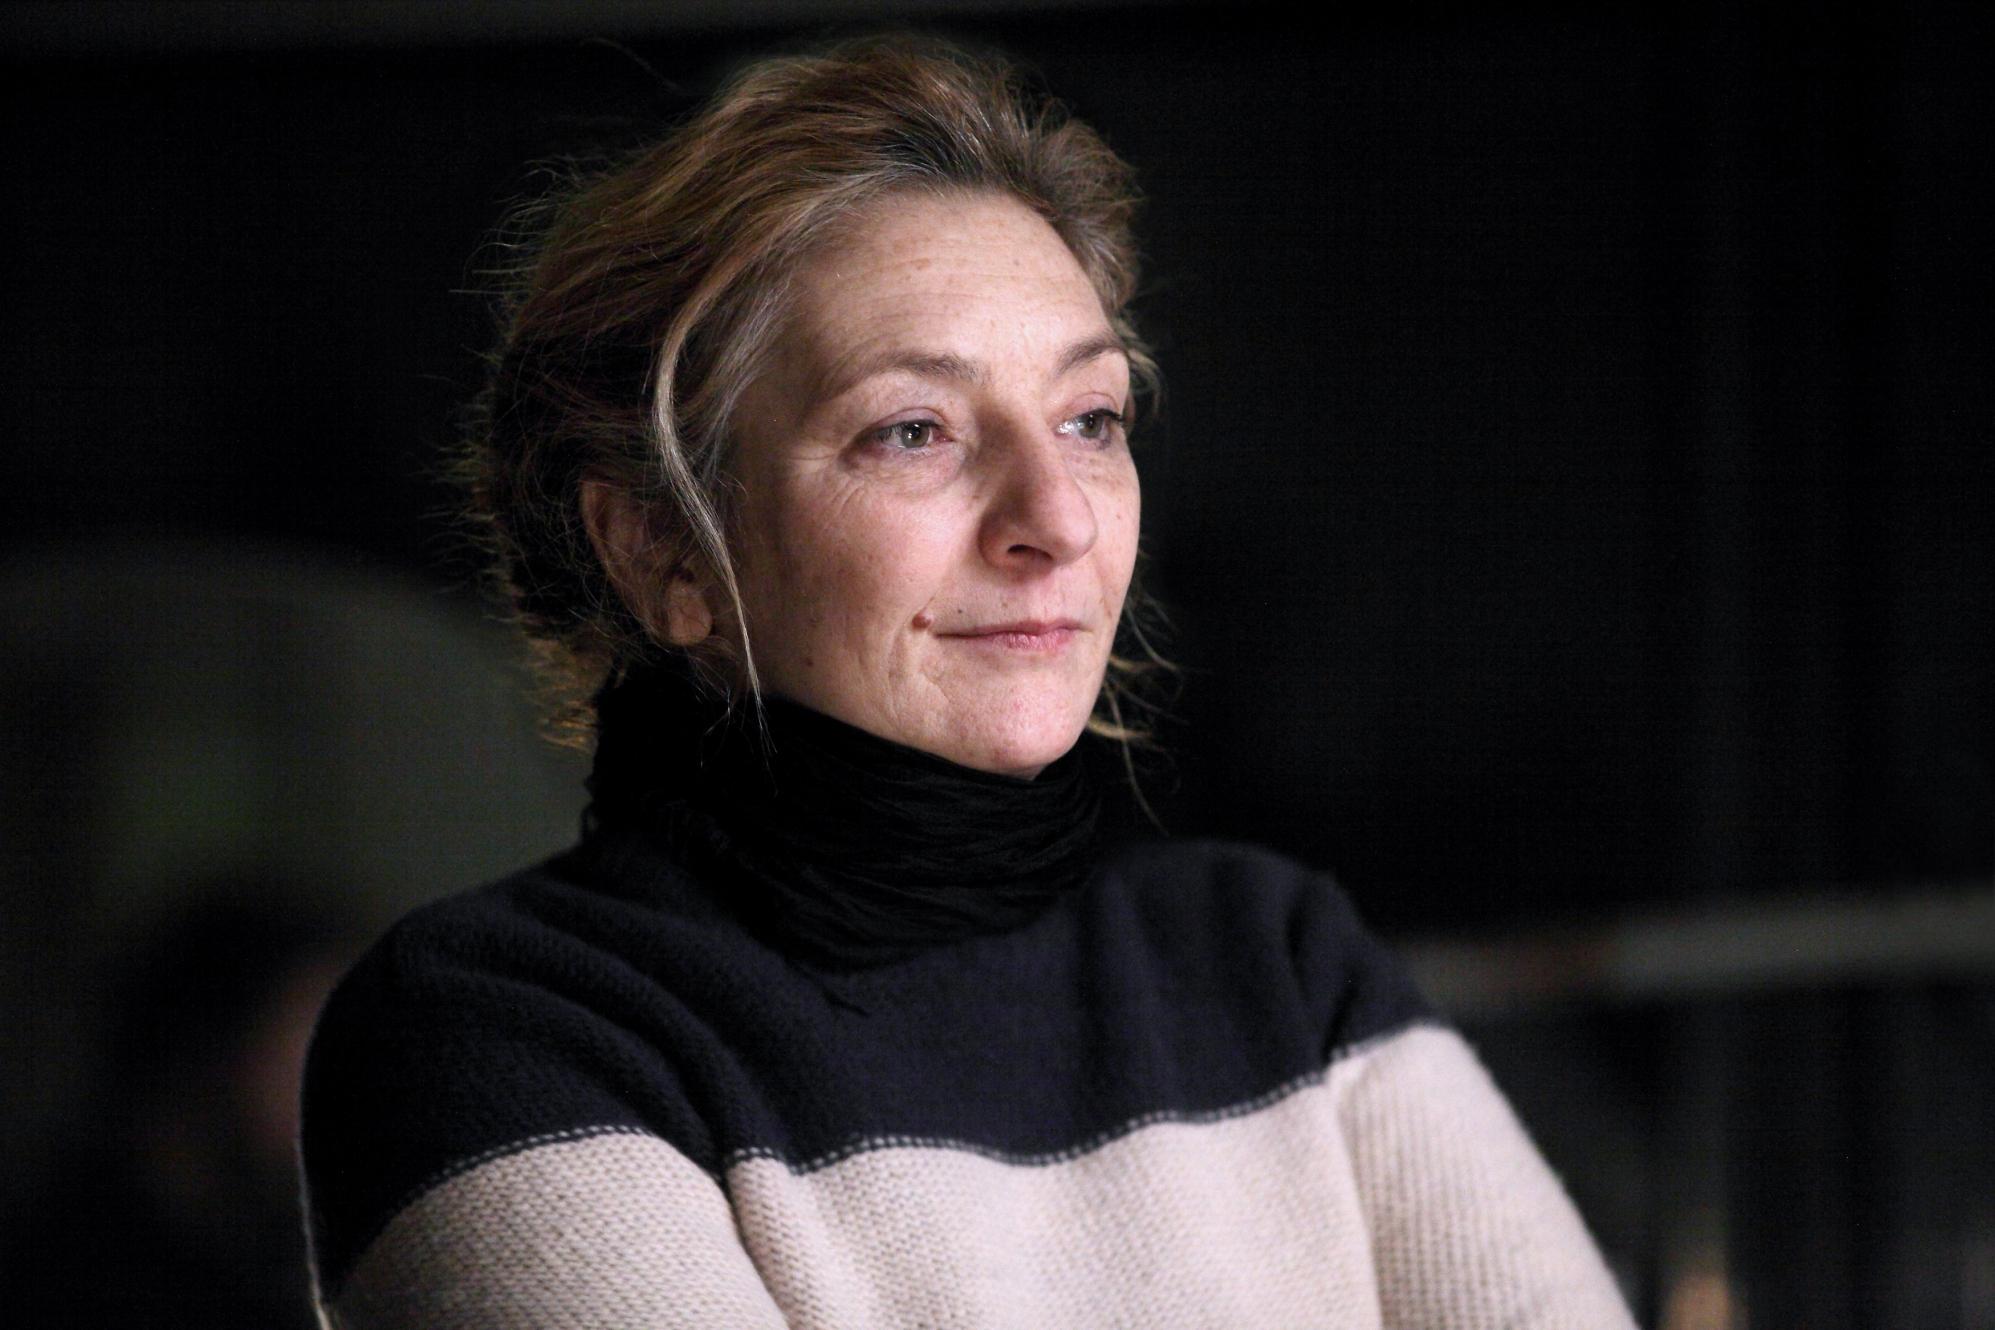 Le Invisibili: Corinne Masiero in una scena del film